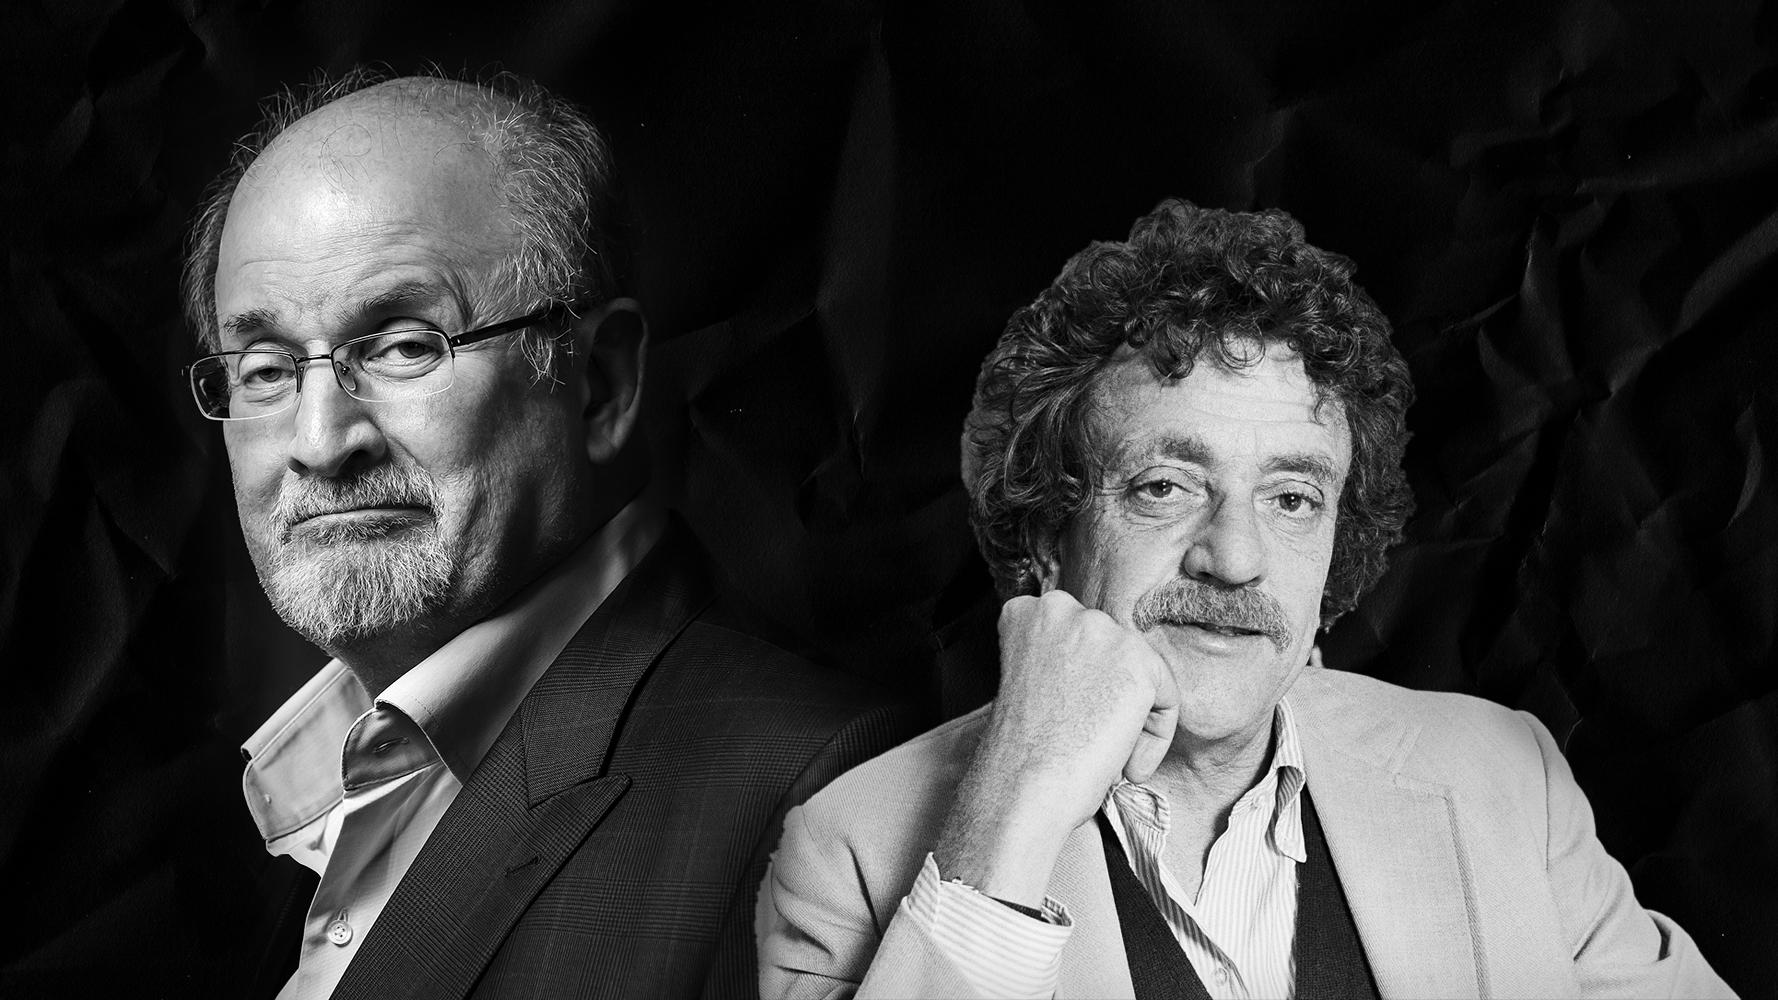 Salman Rushdie megírta, mit üzen a mai világnak Kurt Vonnegut 50 éves regénye, Az ötös számú vágóhíd